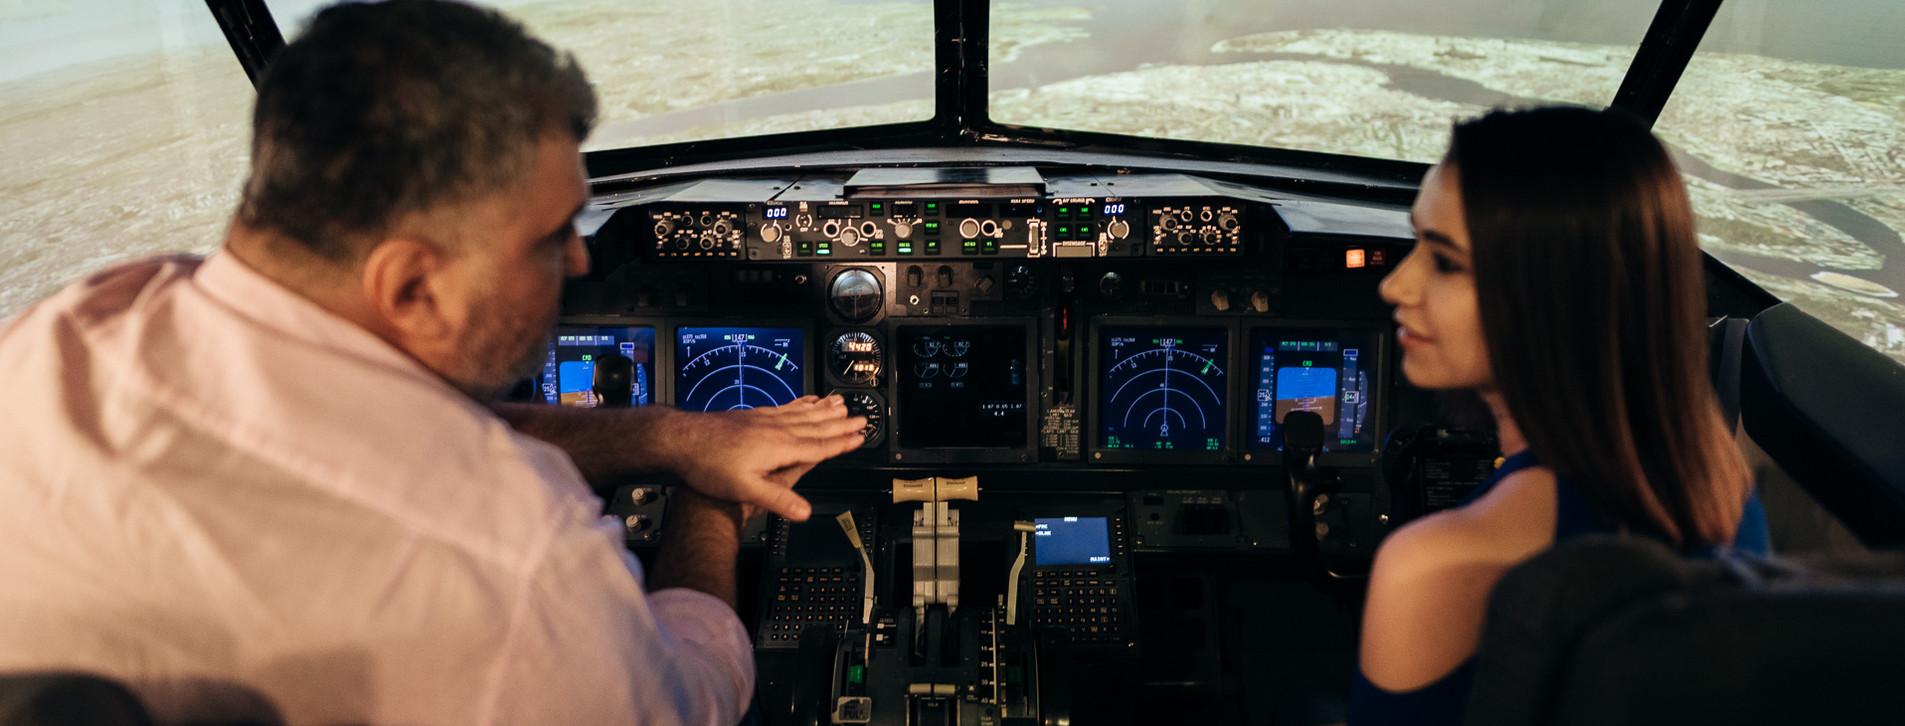 Fotoğraf - İki Kişi için Boeing 737 Uçuş Simülatörü Deneyimi